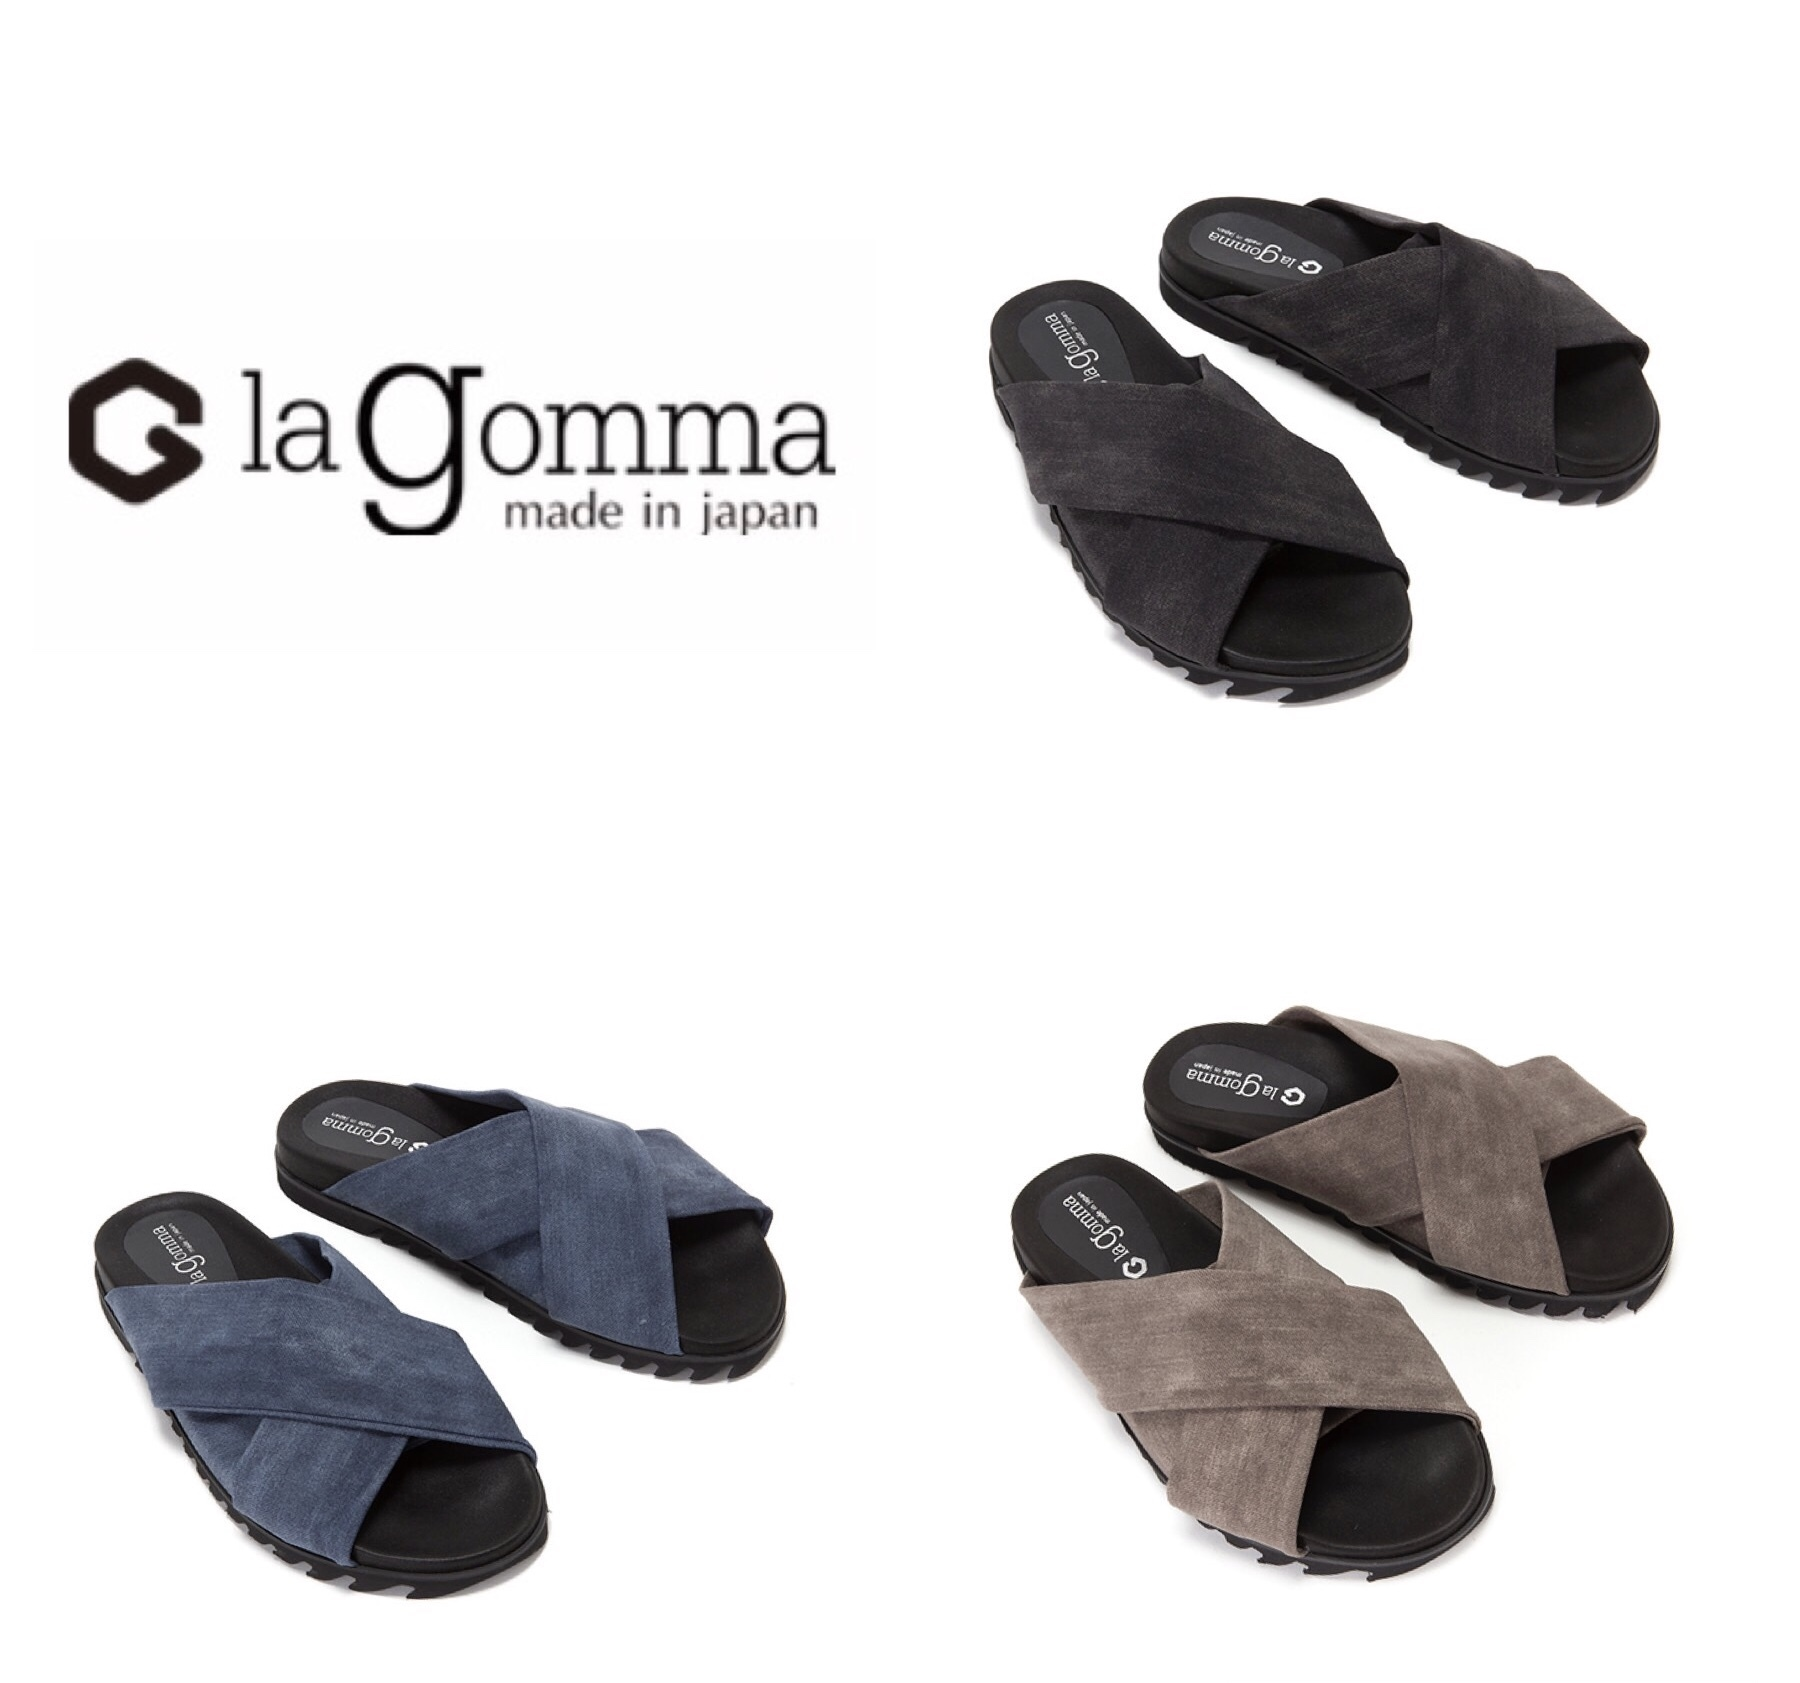 laGomma(ラゴンマ) / ladies